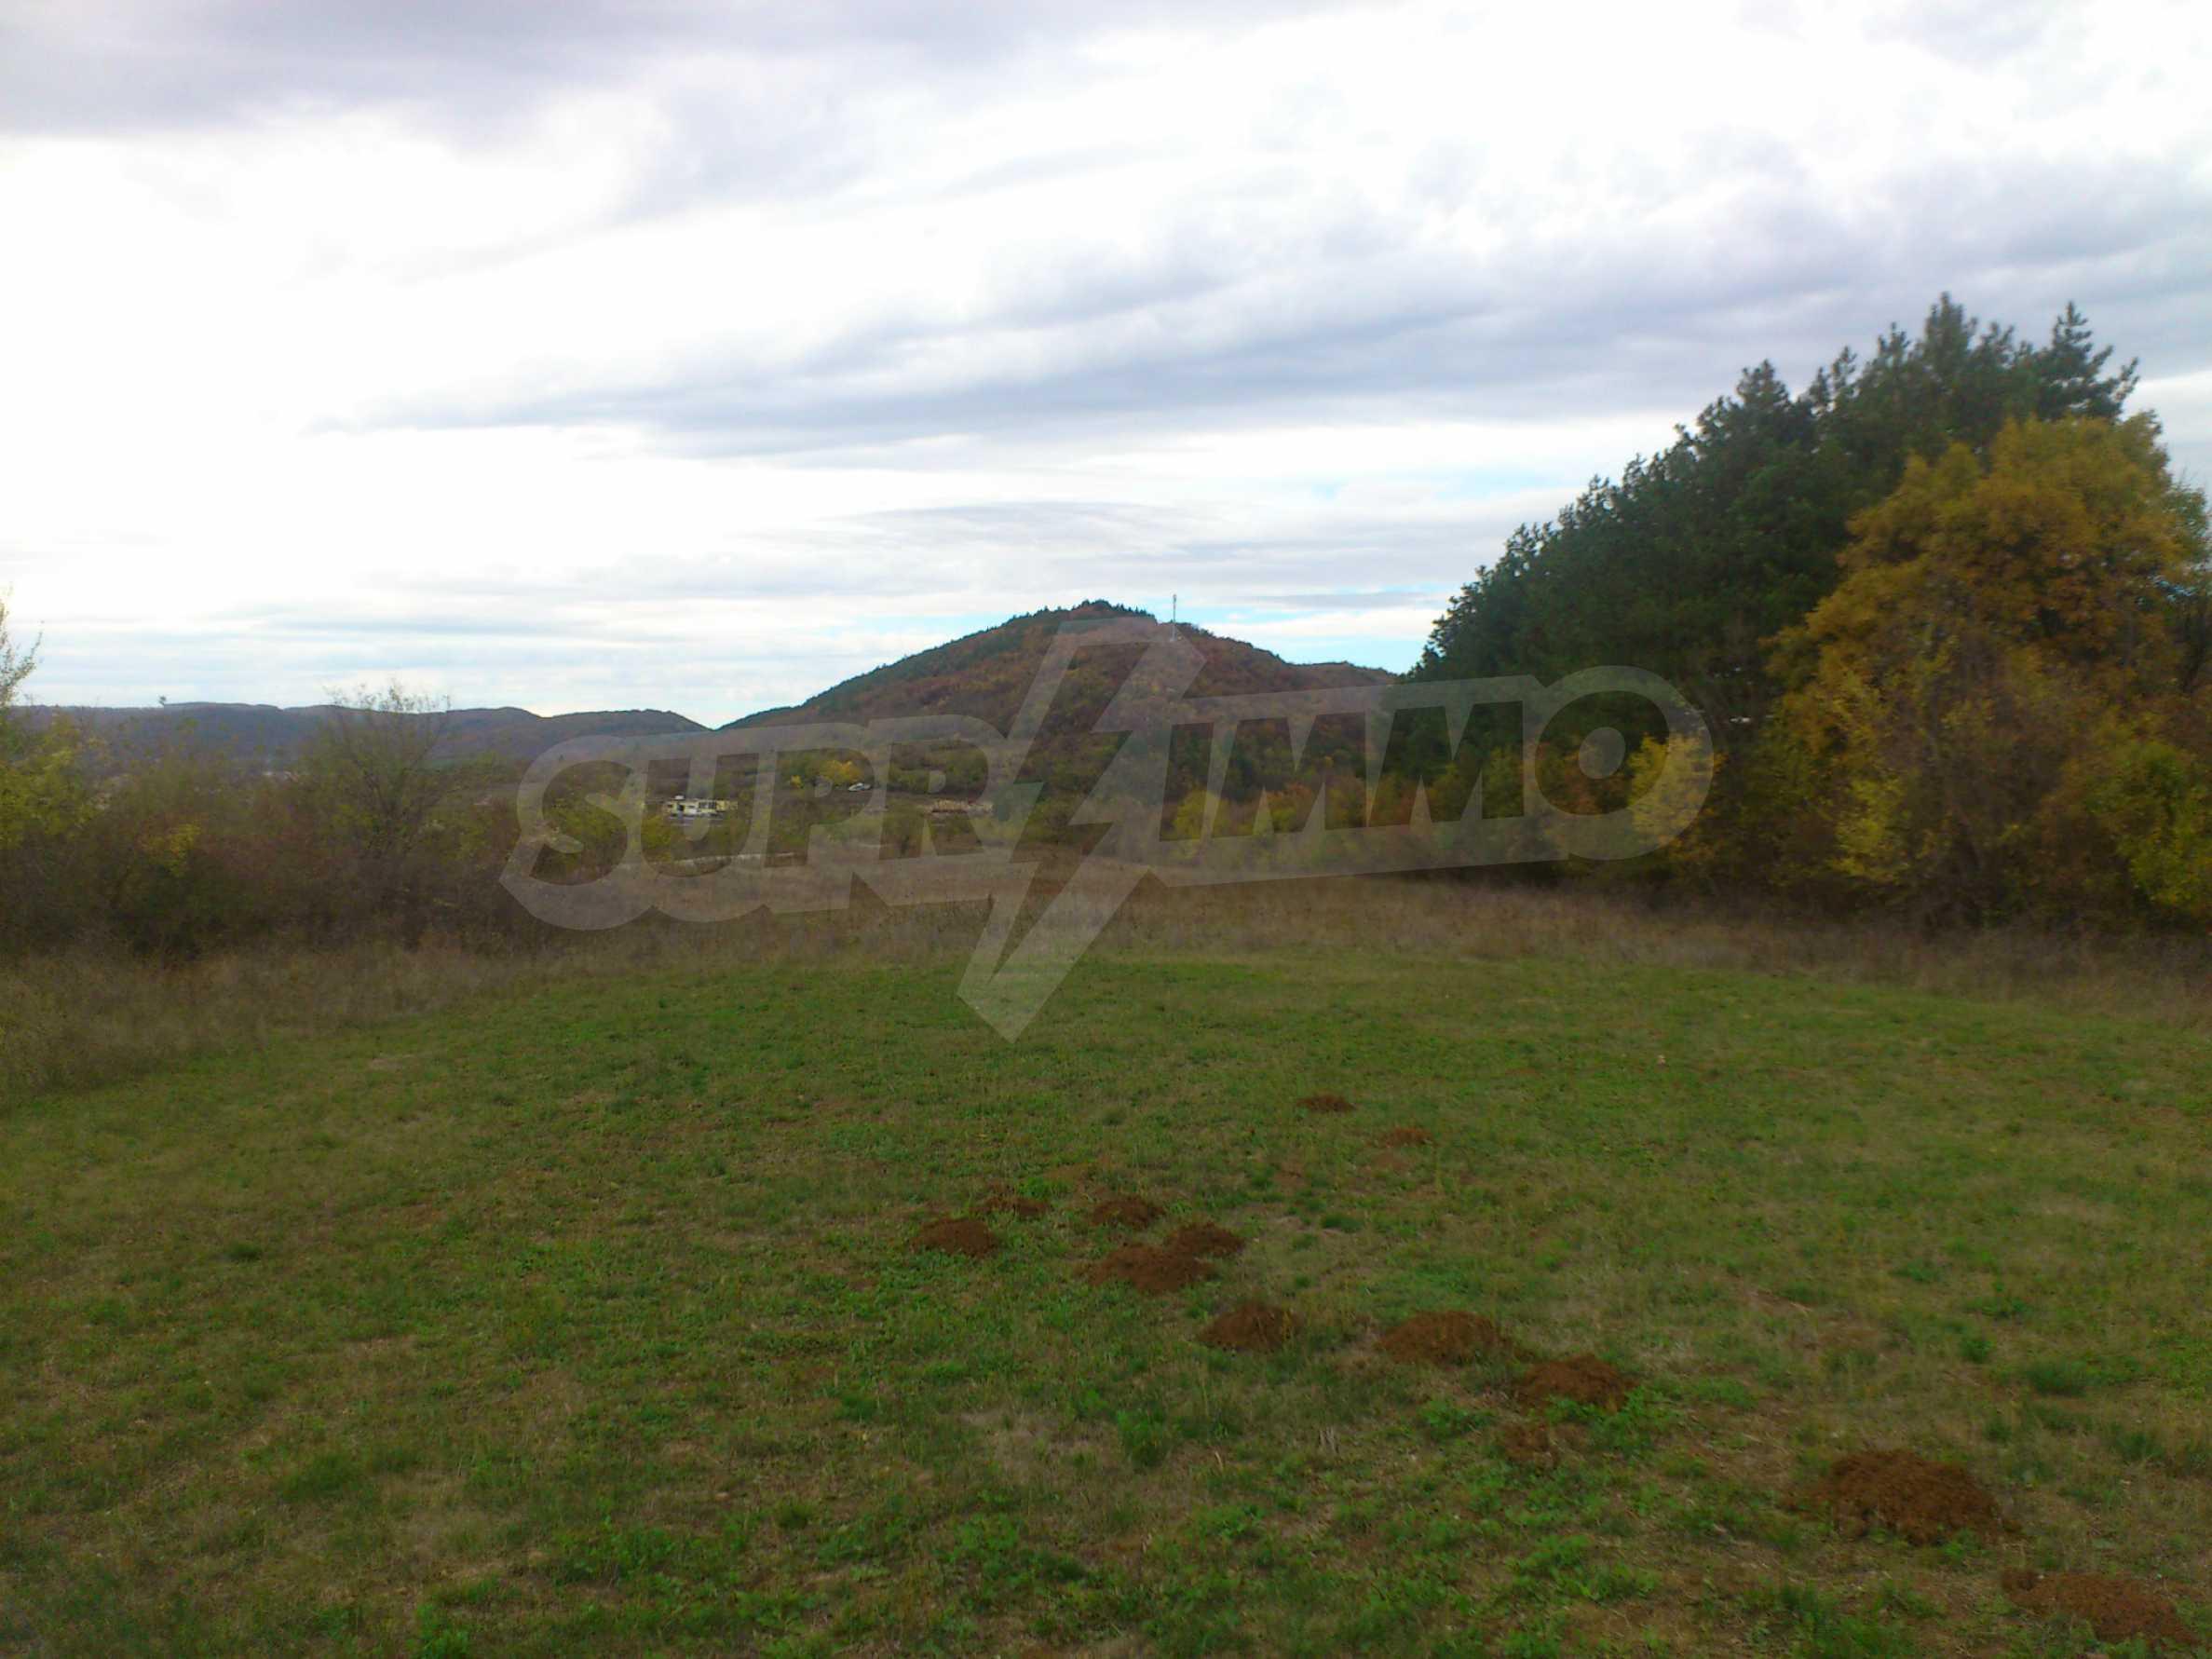 Grundstück 3 km von Veliko Tarnovo entfernt mit Blick auf eine Asphaltstraße 5